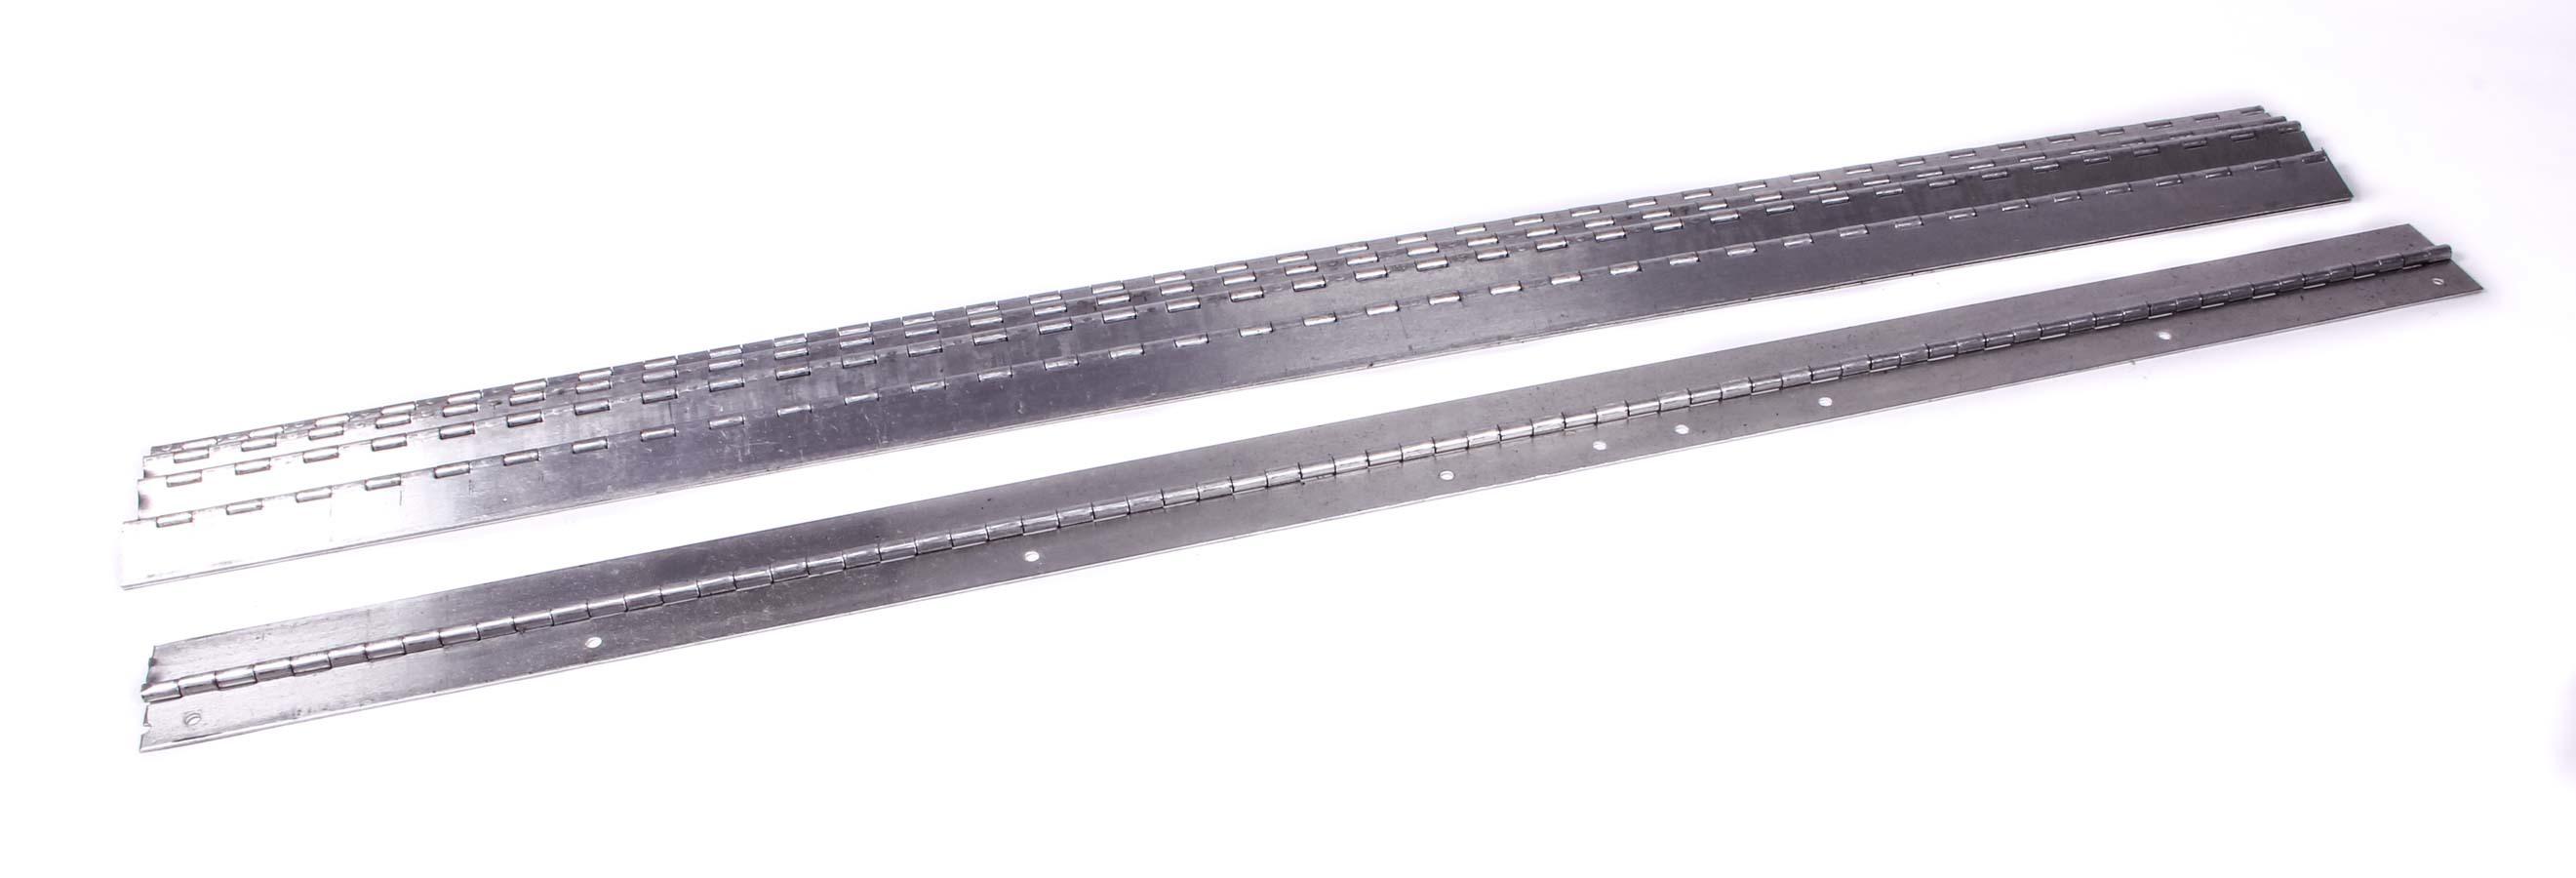 Allstar Performance Aluminum Hinge 36in 5pk